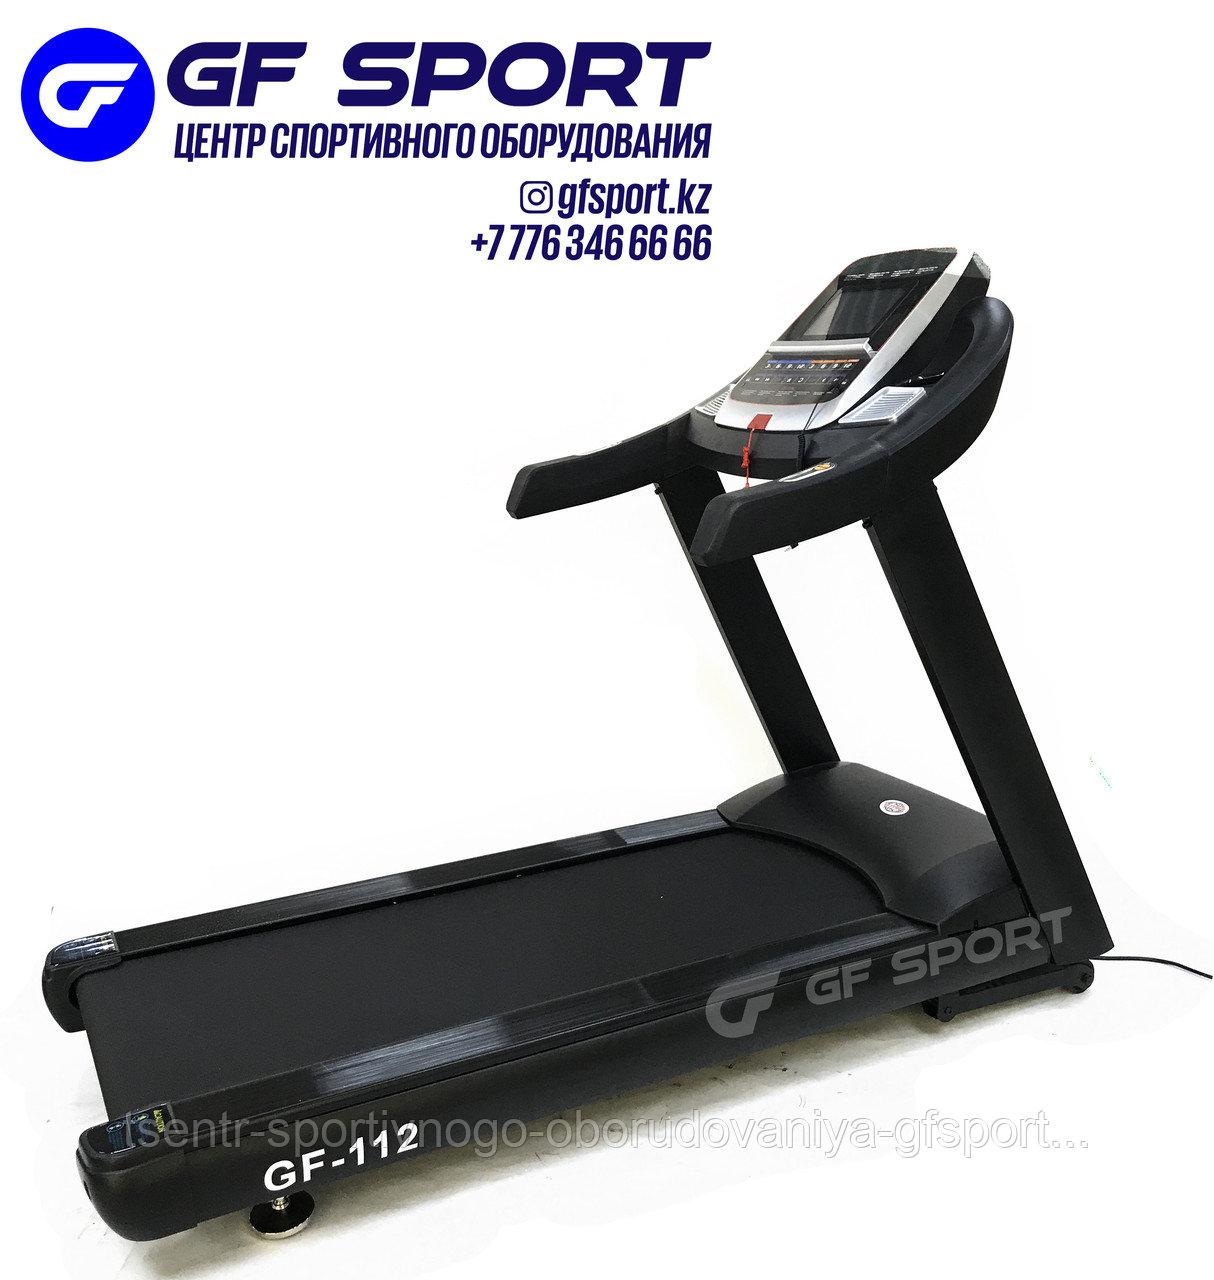 Беговая дорожка GF-112